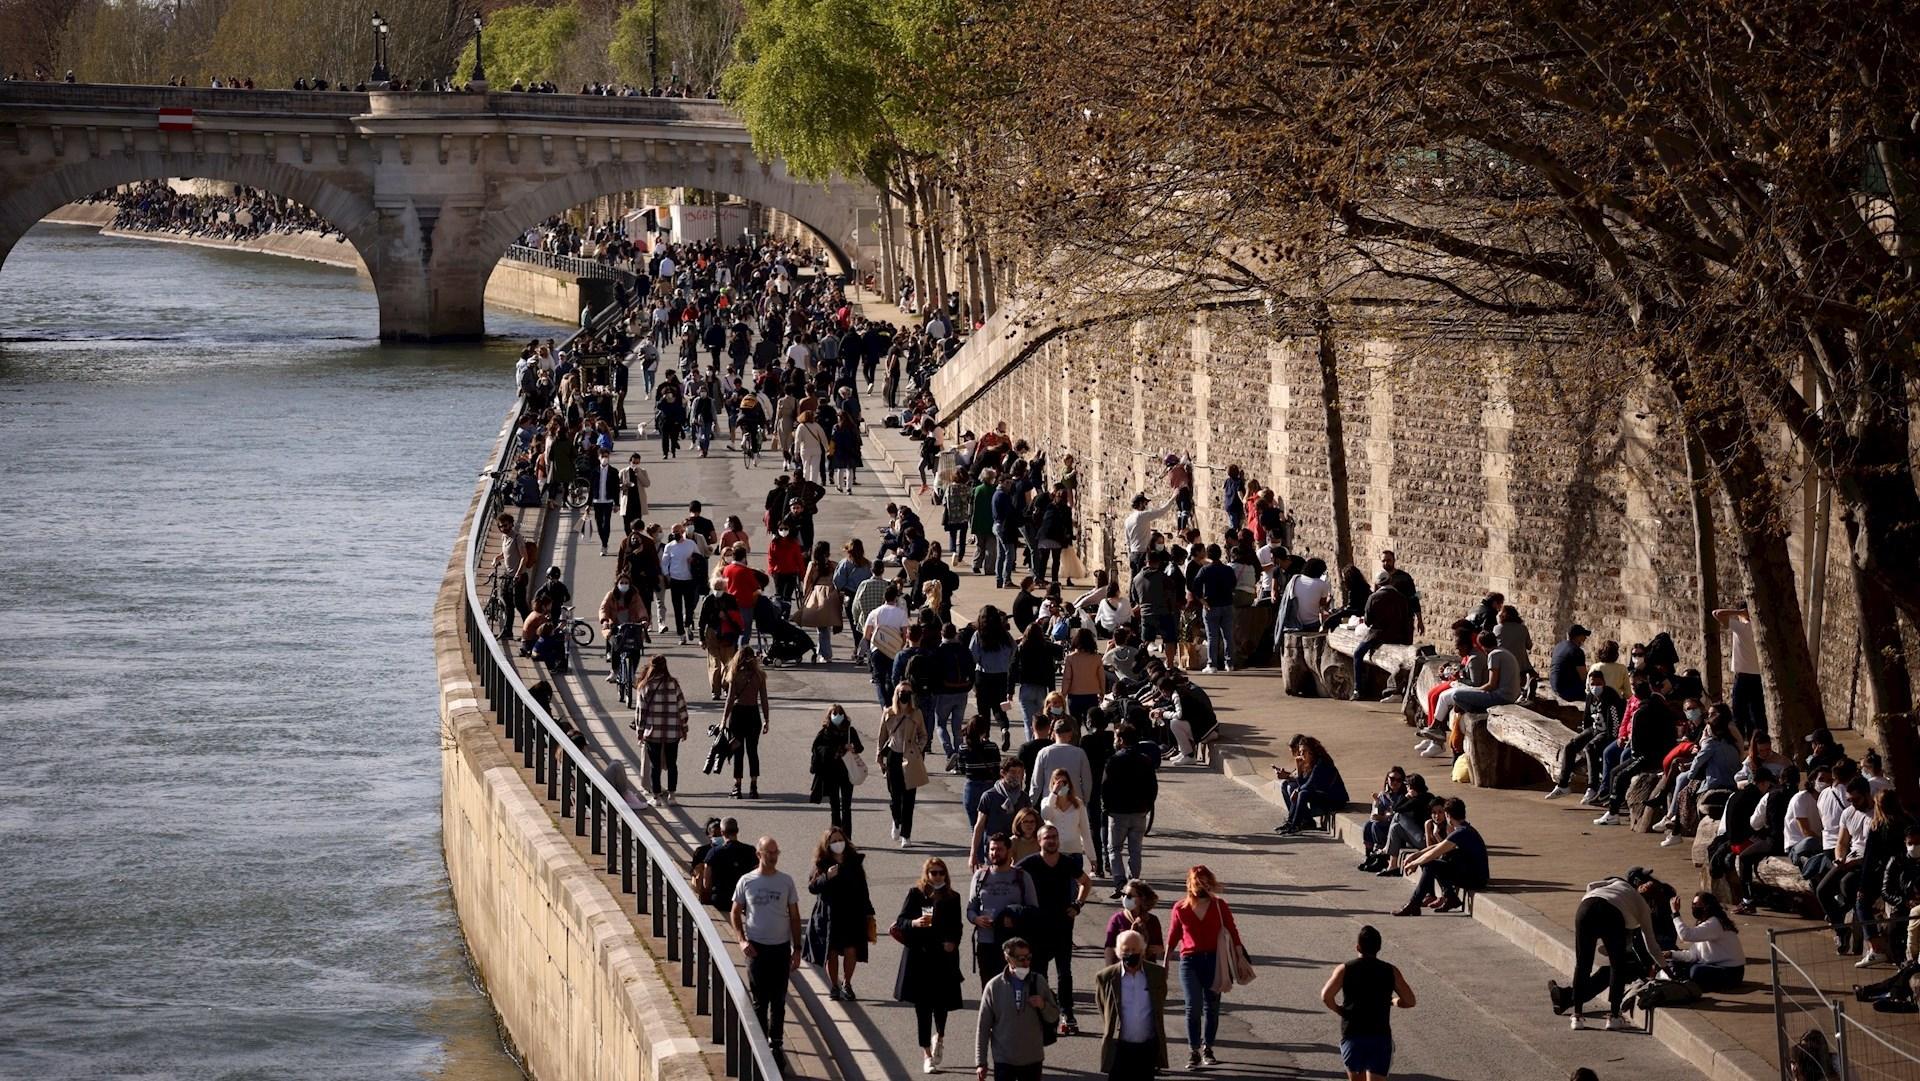 Francia experimenta un aumento de contagios de COVID-19. Foto de EFE/EPA/YOAN VALAT.